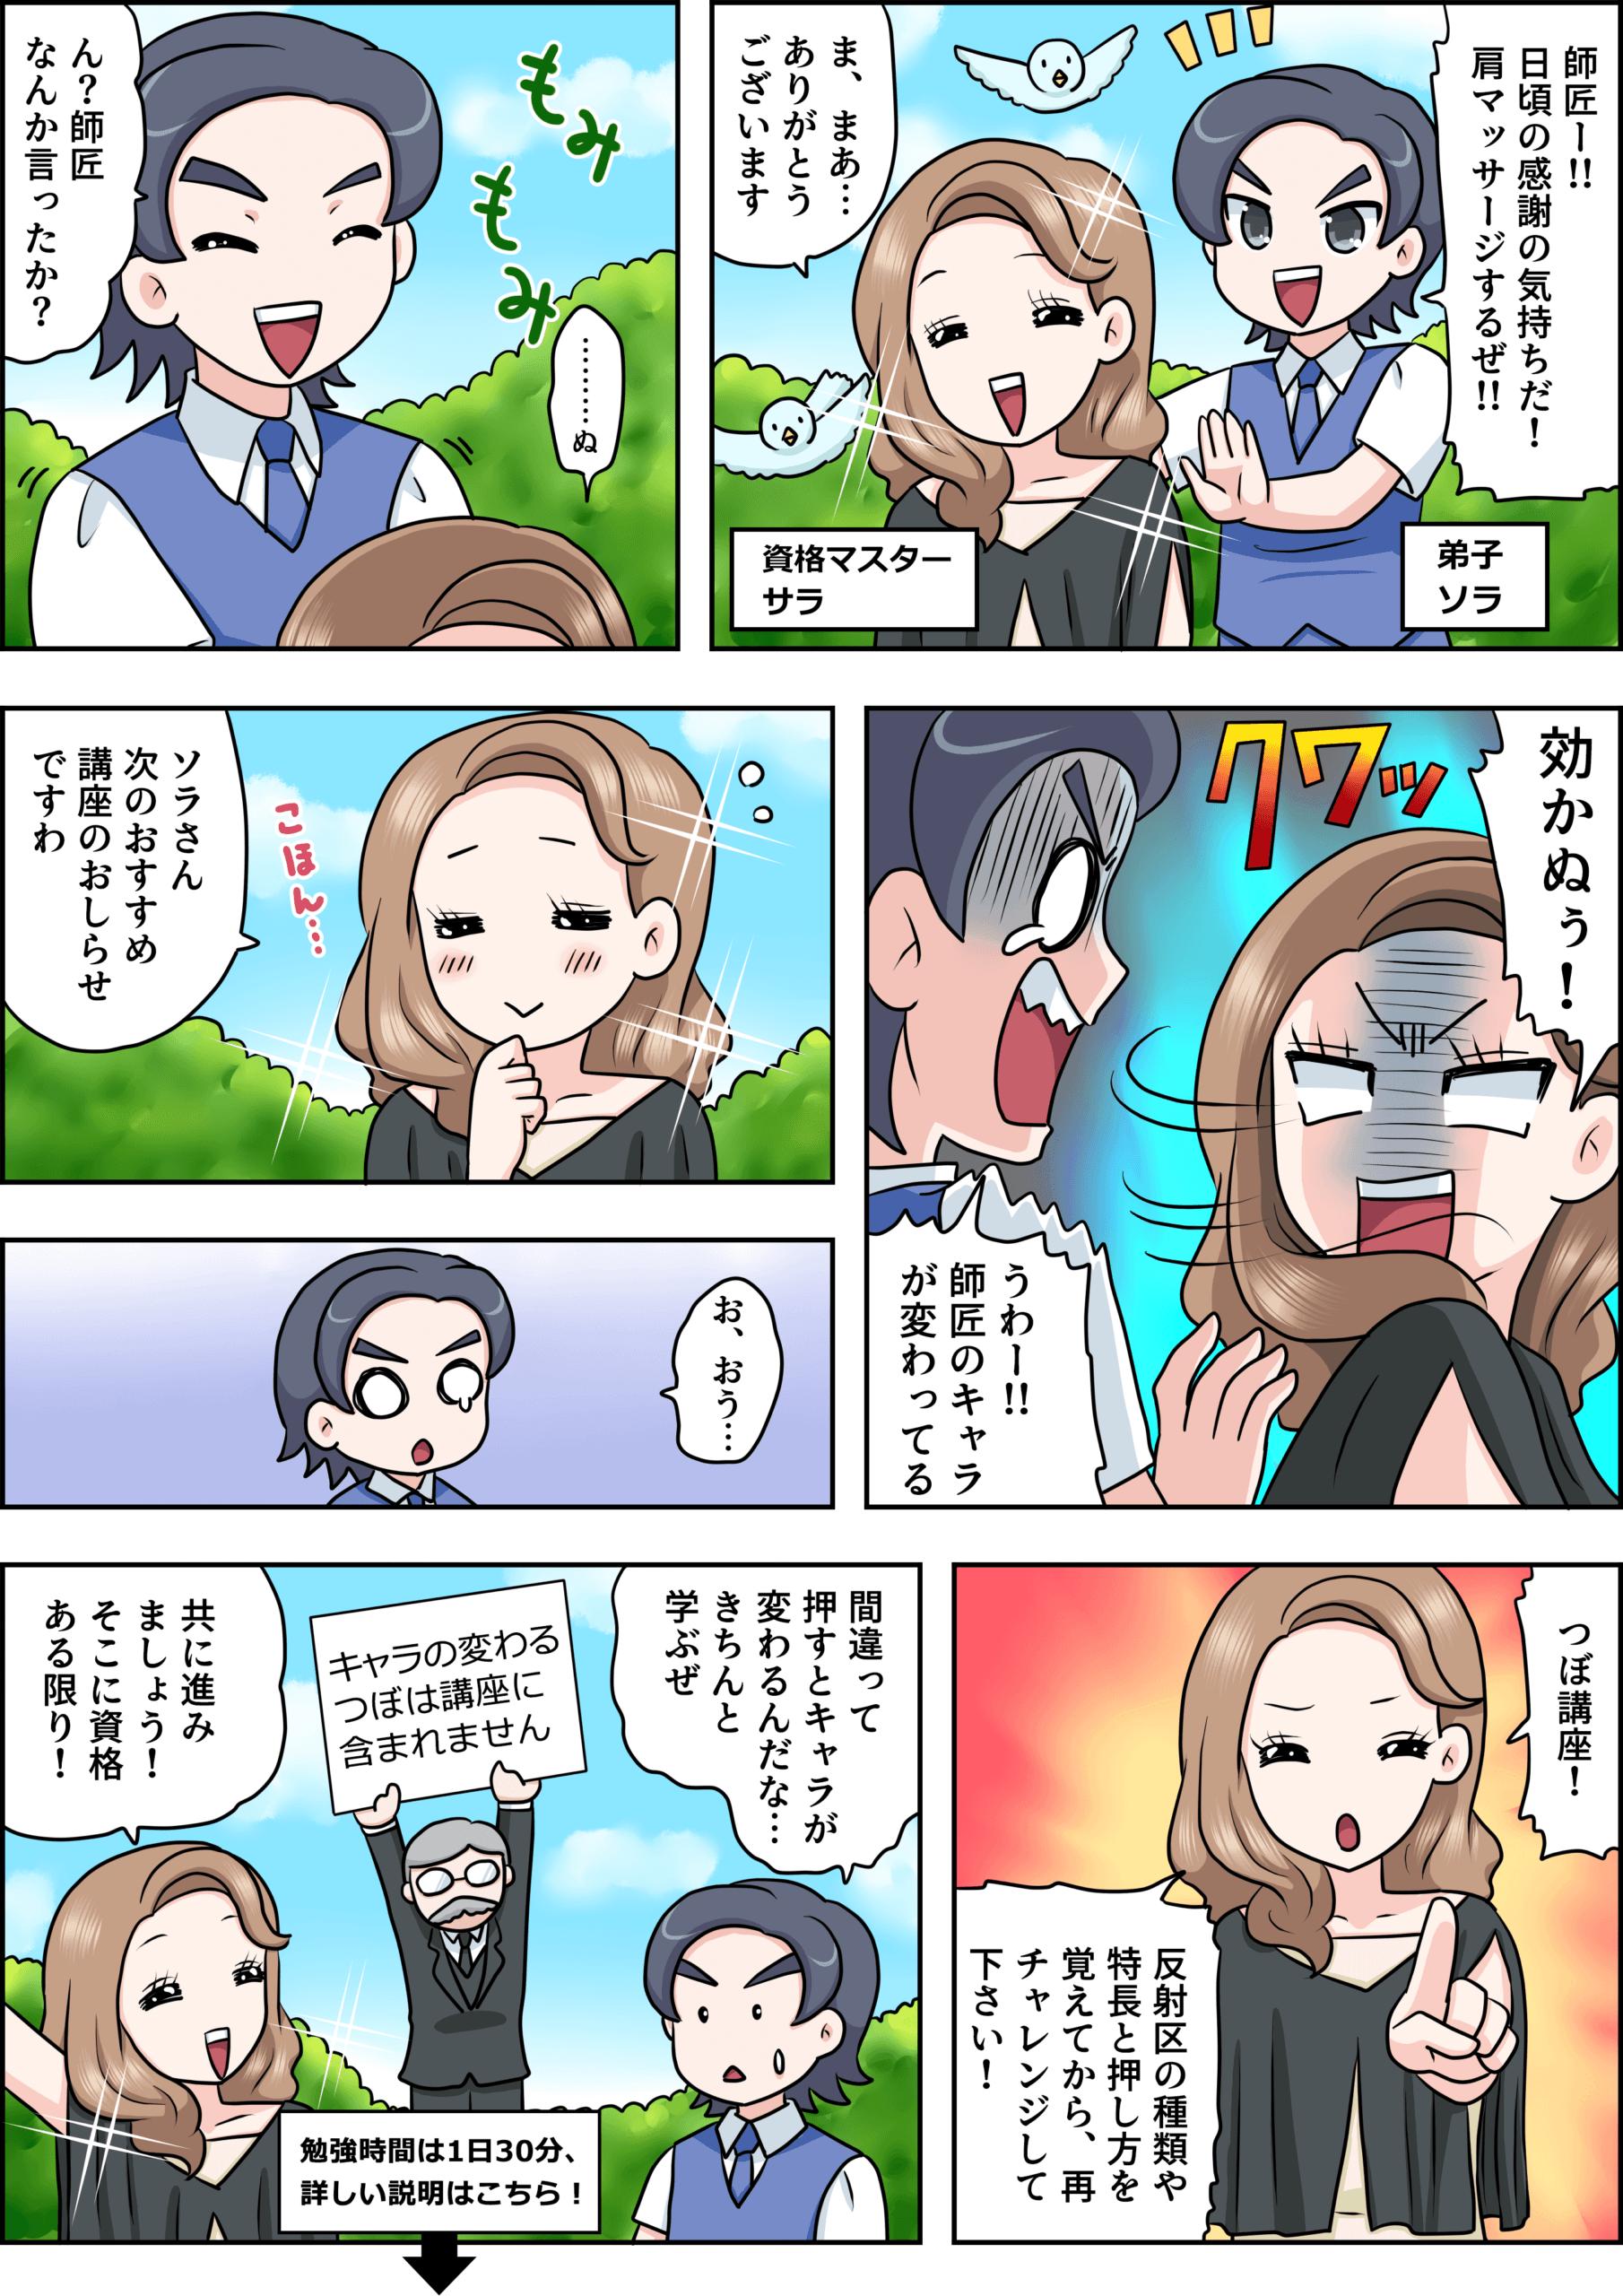 つぼの漫画